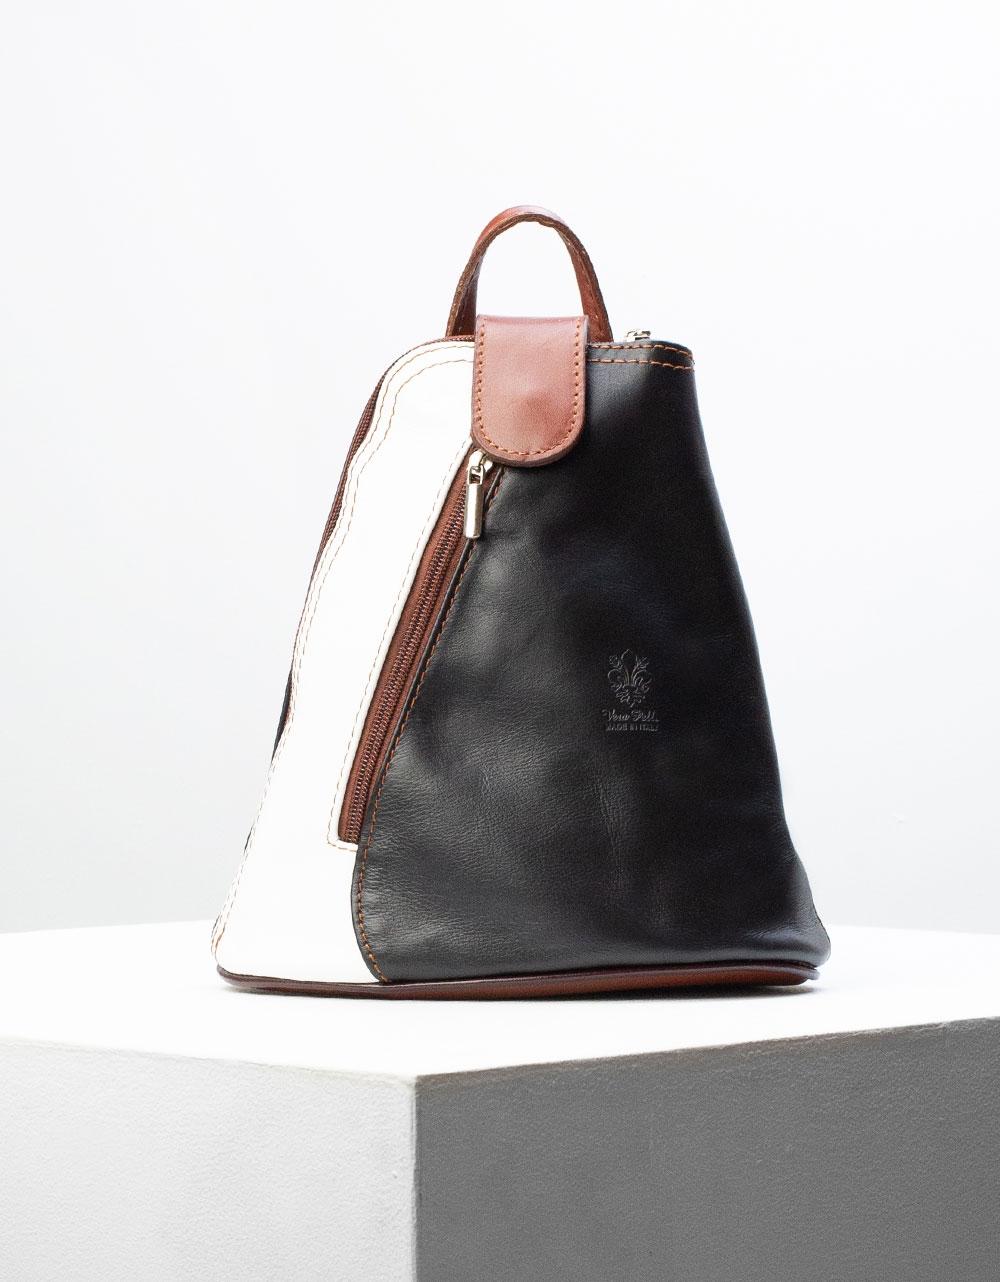 Εικόνα από Γυναικείο σακίδιο πλάτης από γνήσιο δέρμα με δίχρωμο σχέδιο Μαύρο